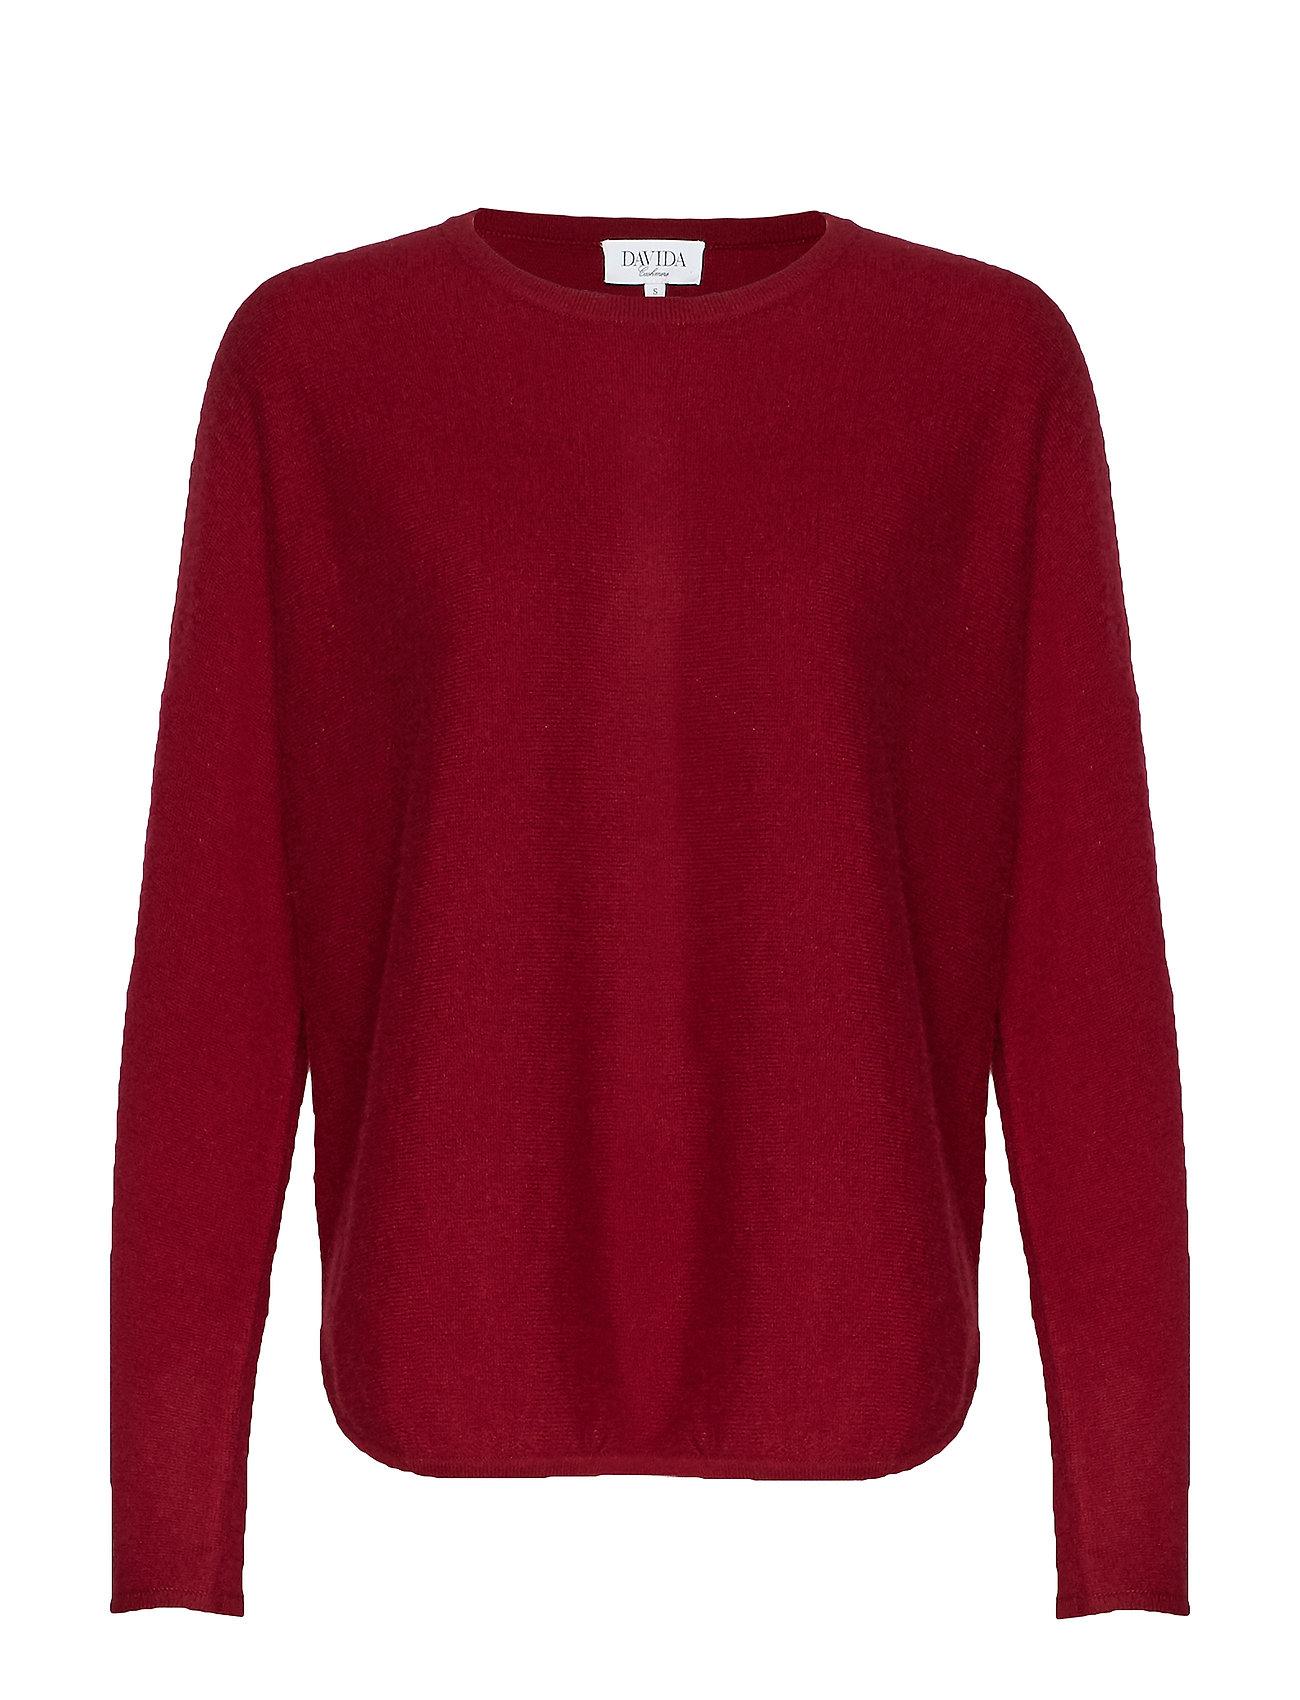 Davida Cashmere Curved Sweater - BORDEAUX